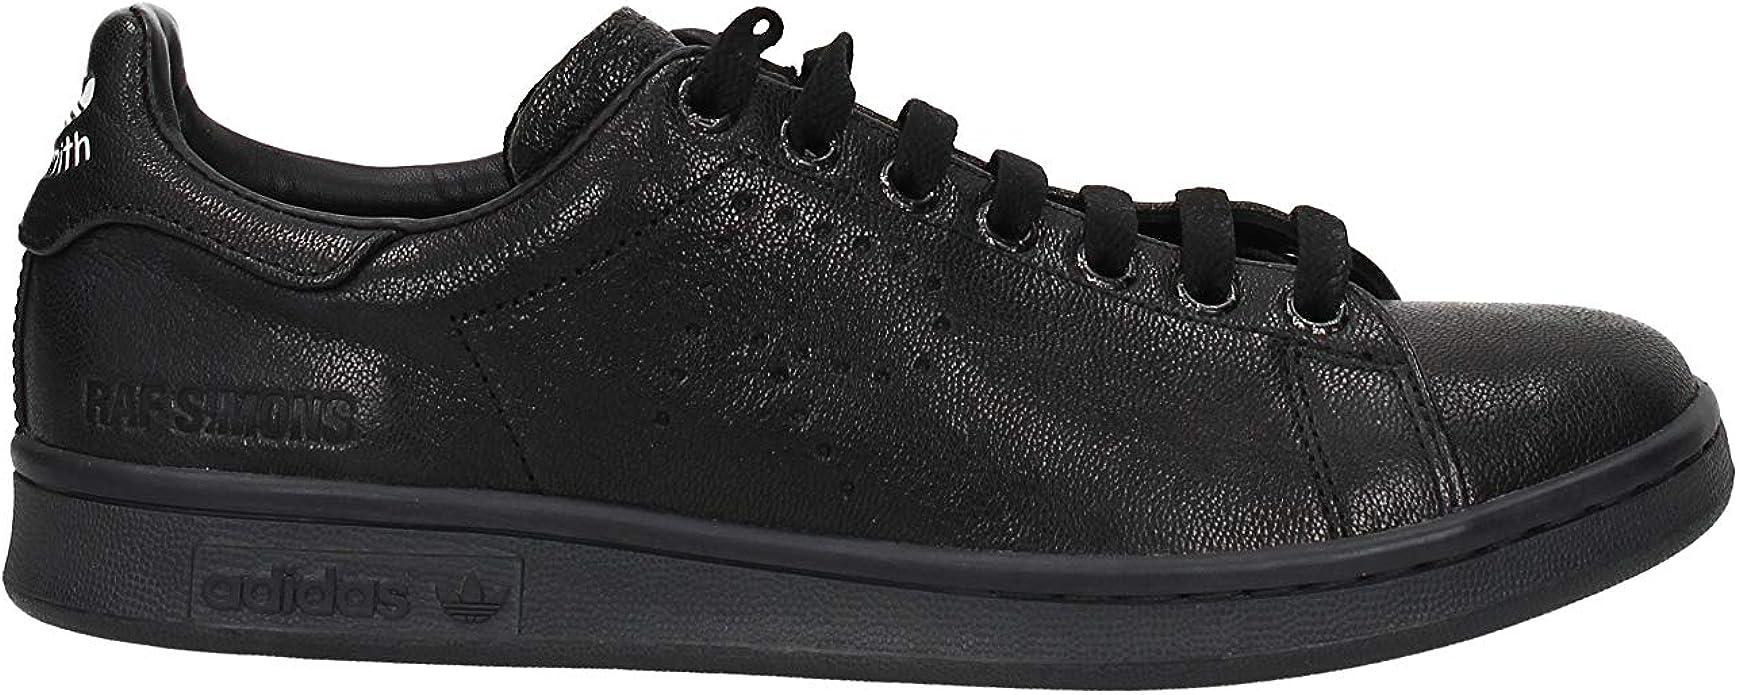 adidas Sneakers RAF Simons Stan Smith Uomo Pelle (S74620